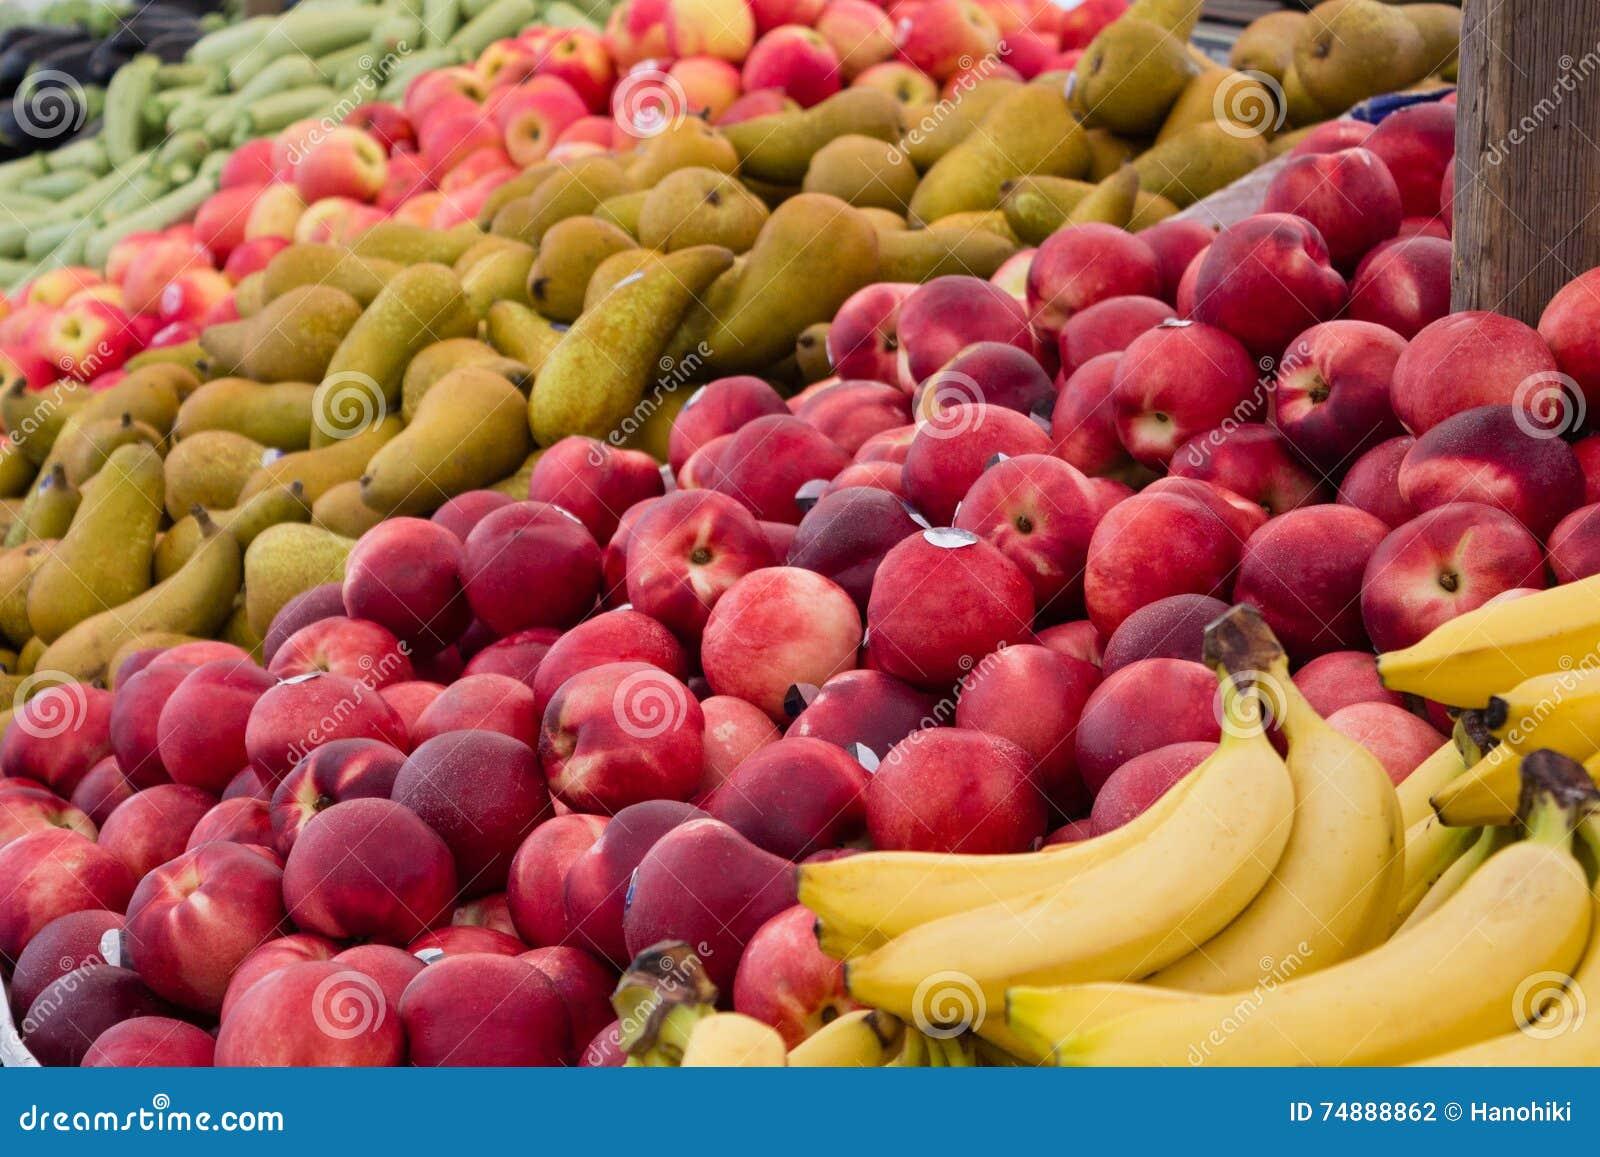 Close up do mercado de fruto - close up de muitos frutos